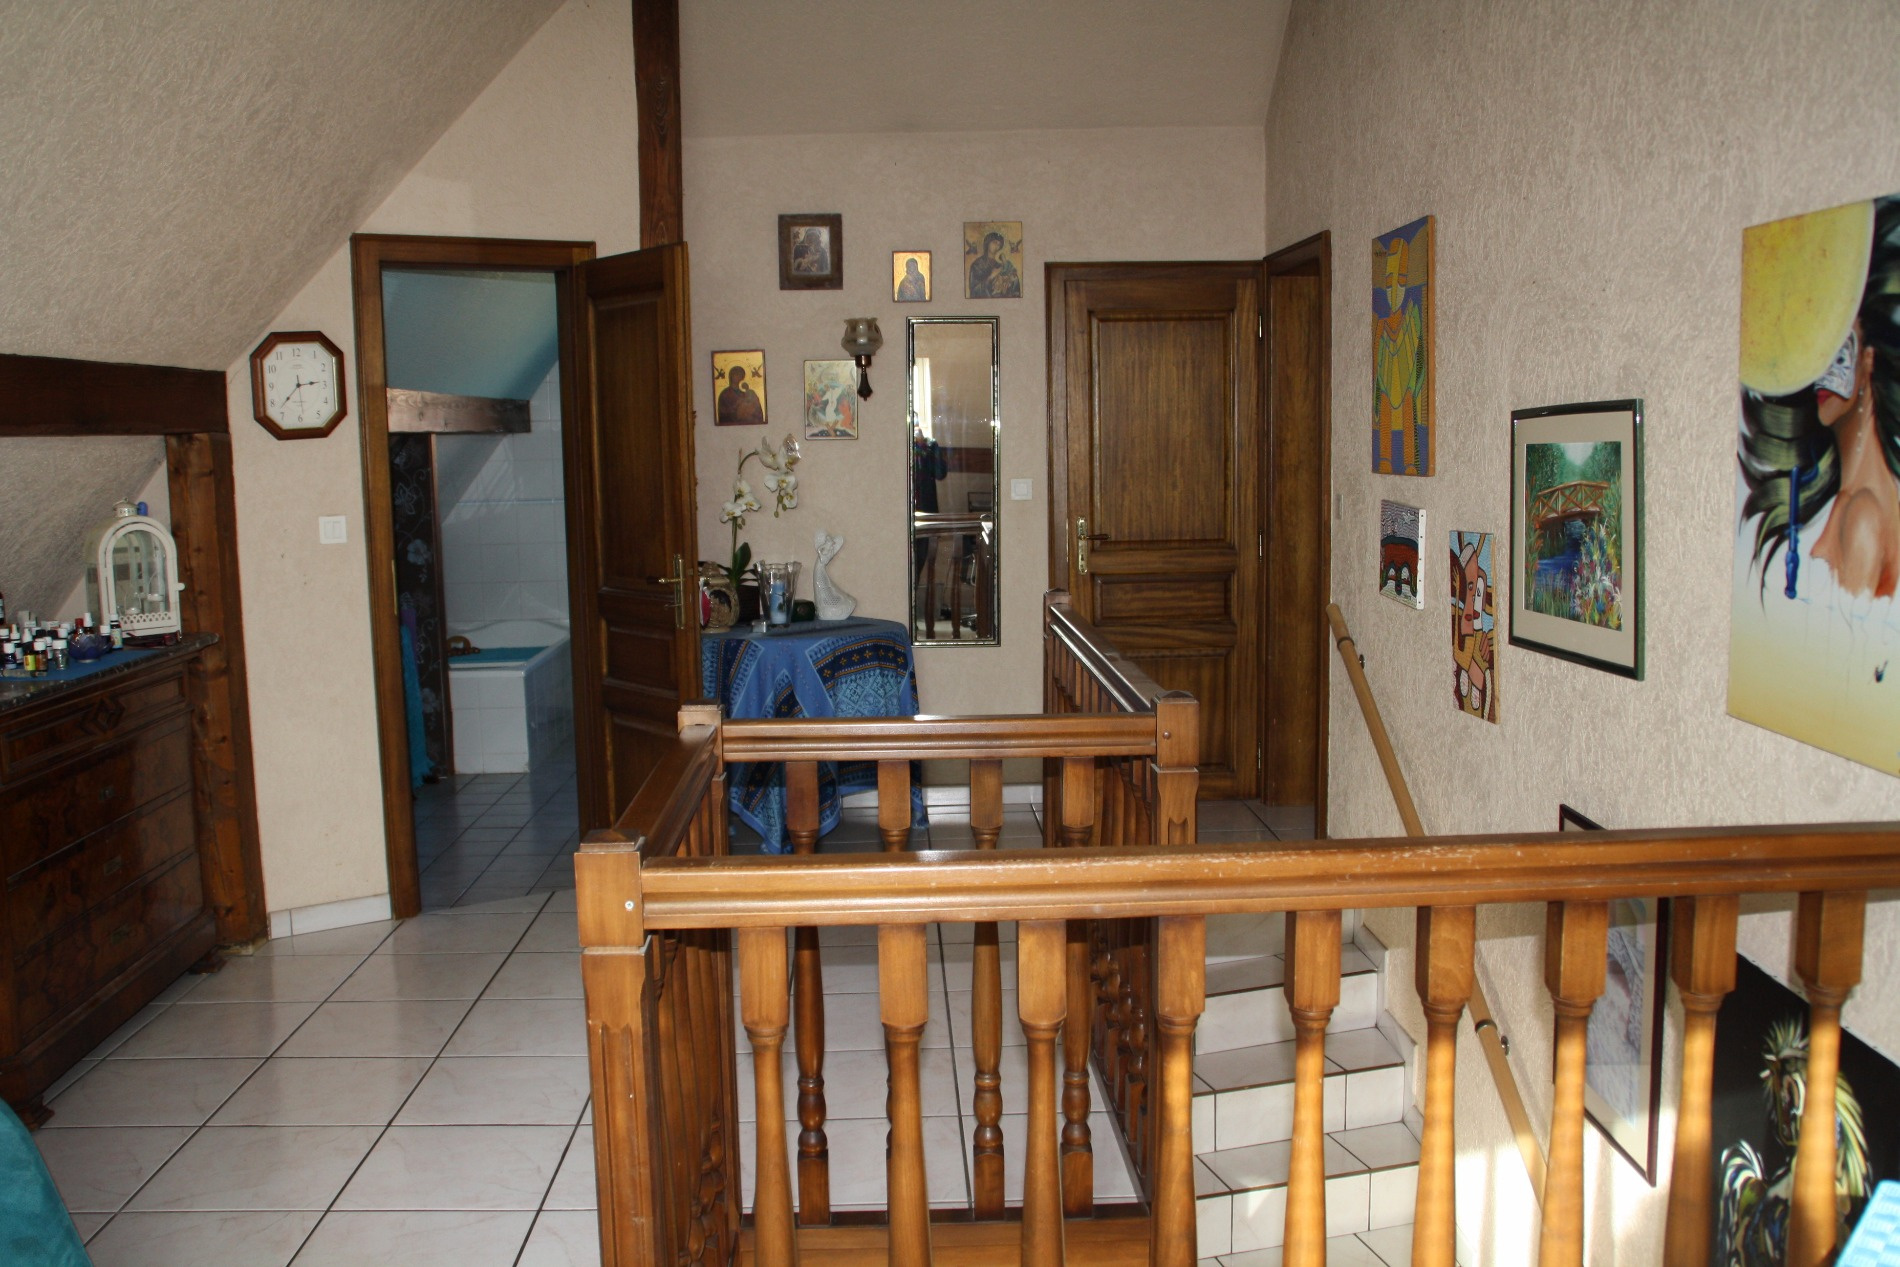 Vente freyming merlebach belle maison d 39 architecte - Belle maison d architecte los angeles ...